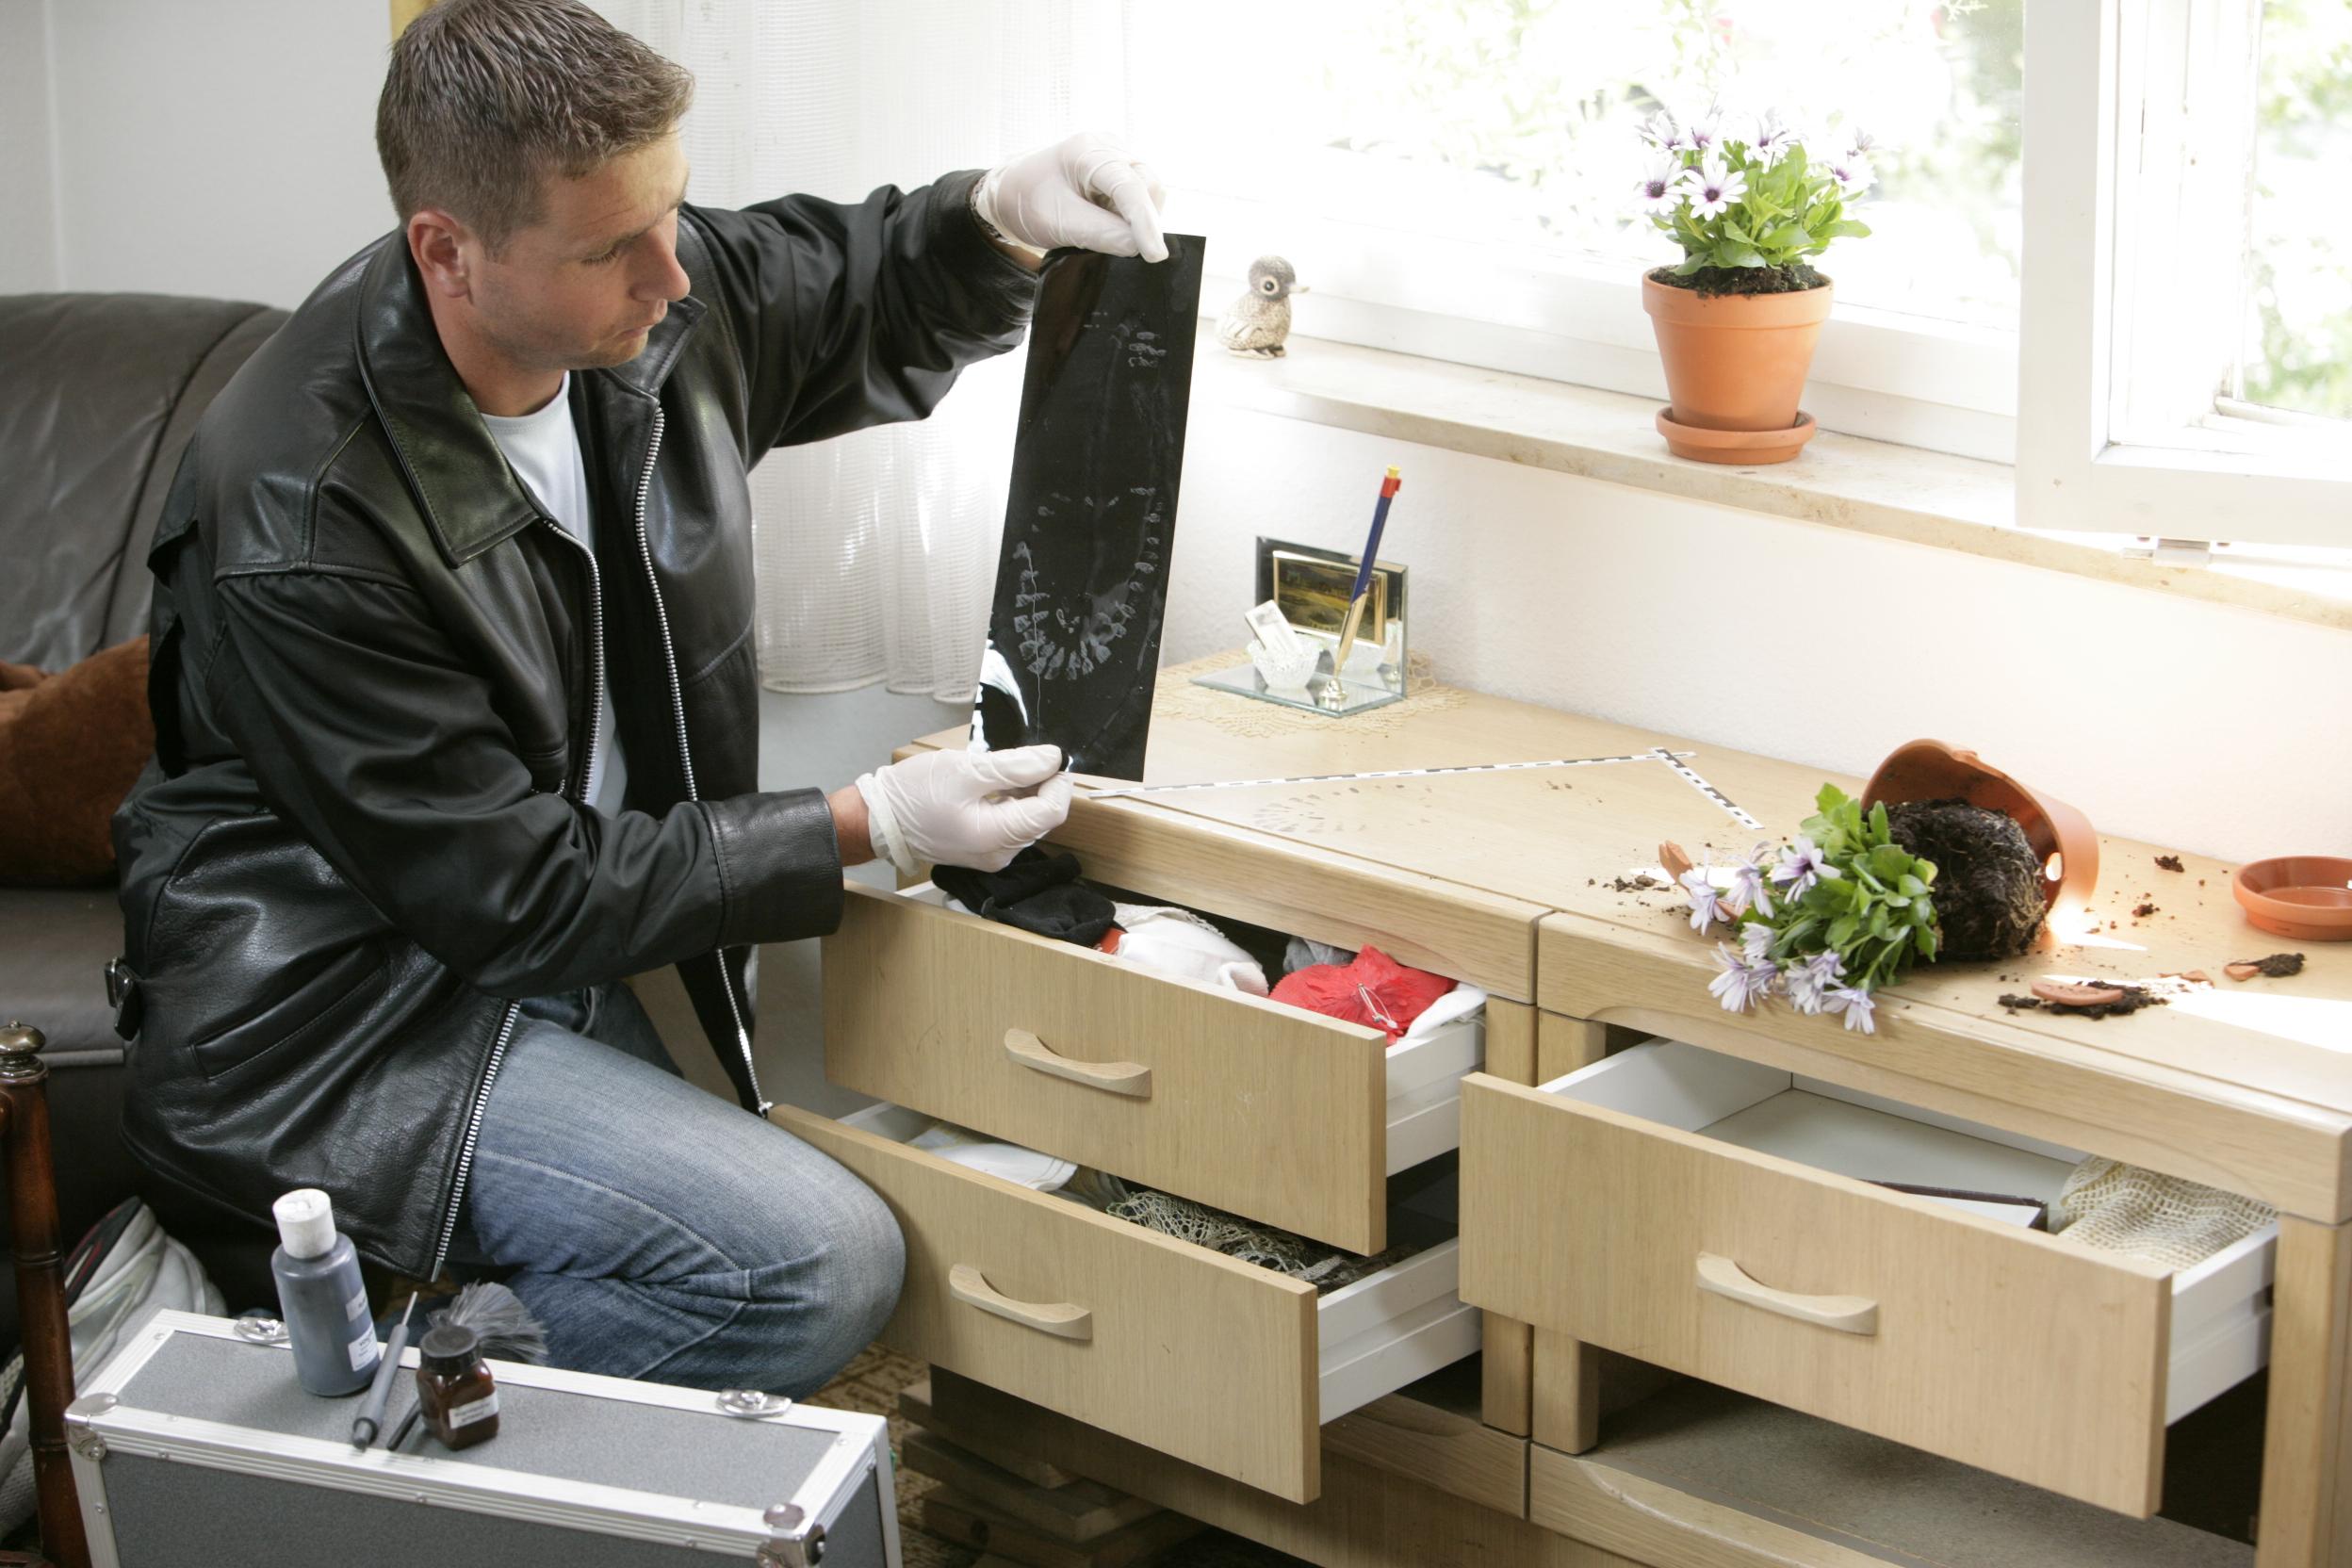 lka rp folgen eines wohnungseinbruchs was jetzt zu tun ist presseportal. Black Bedroom Furniture Sets. Home Design Ideas